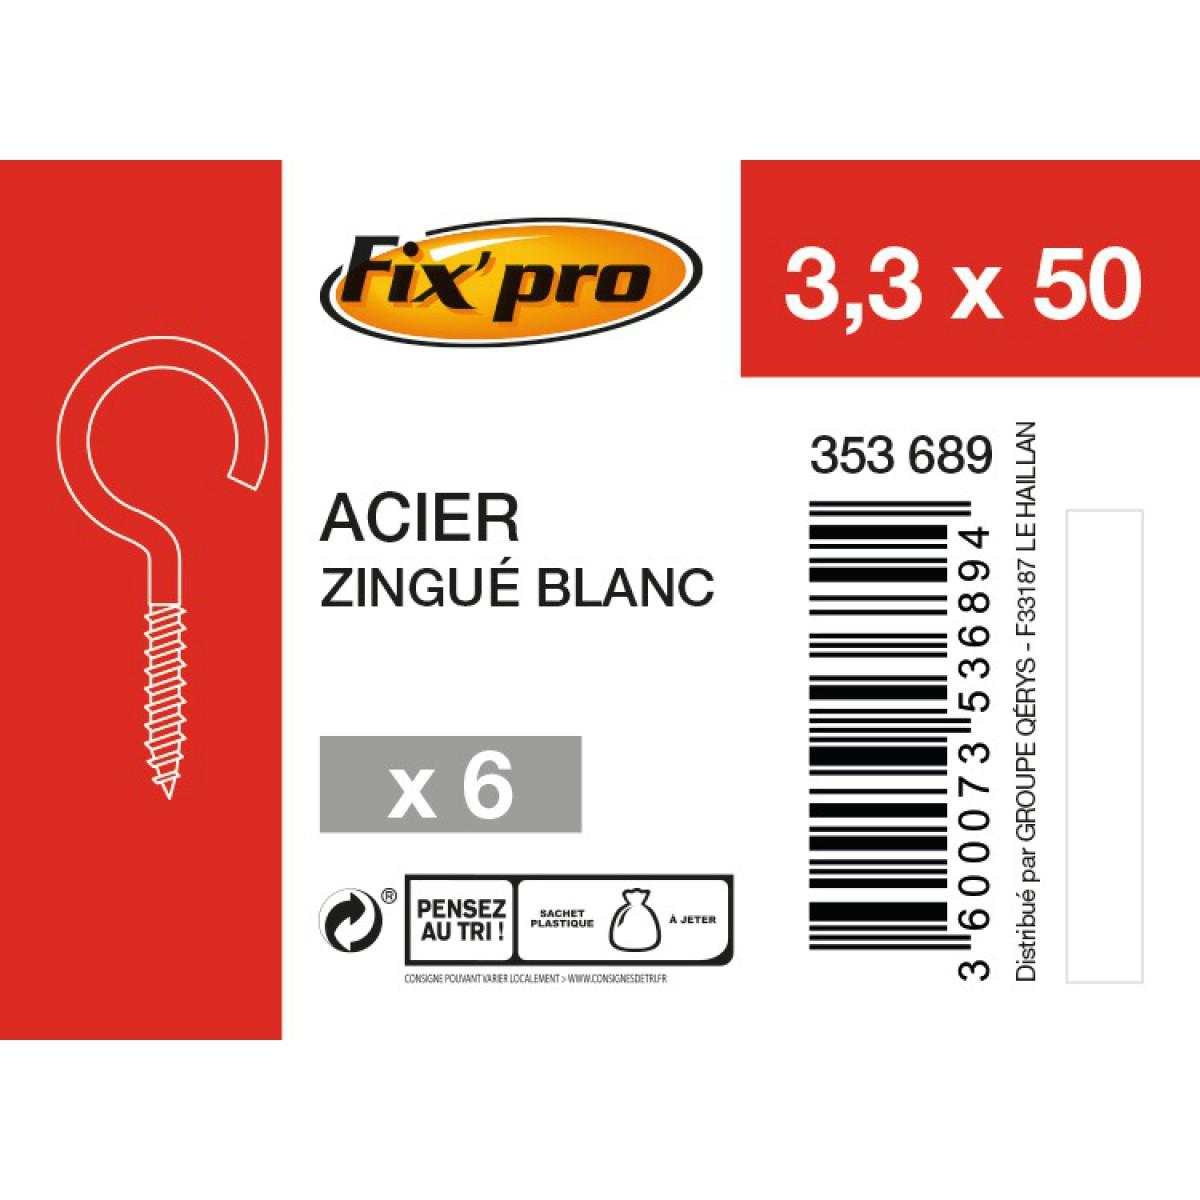 Crochet à visser acier zingué - 3,3x50 - 6pces - Fixpro